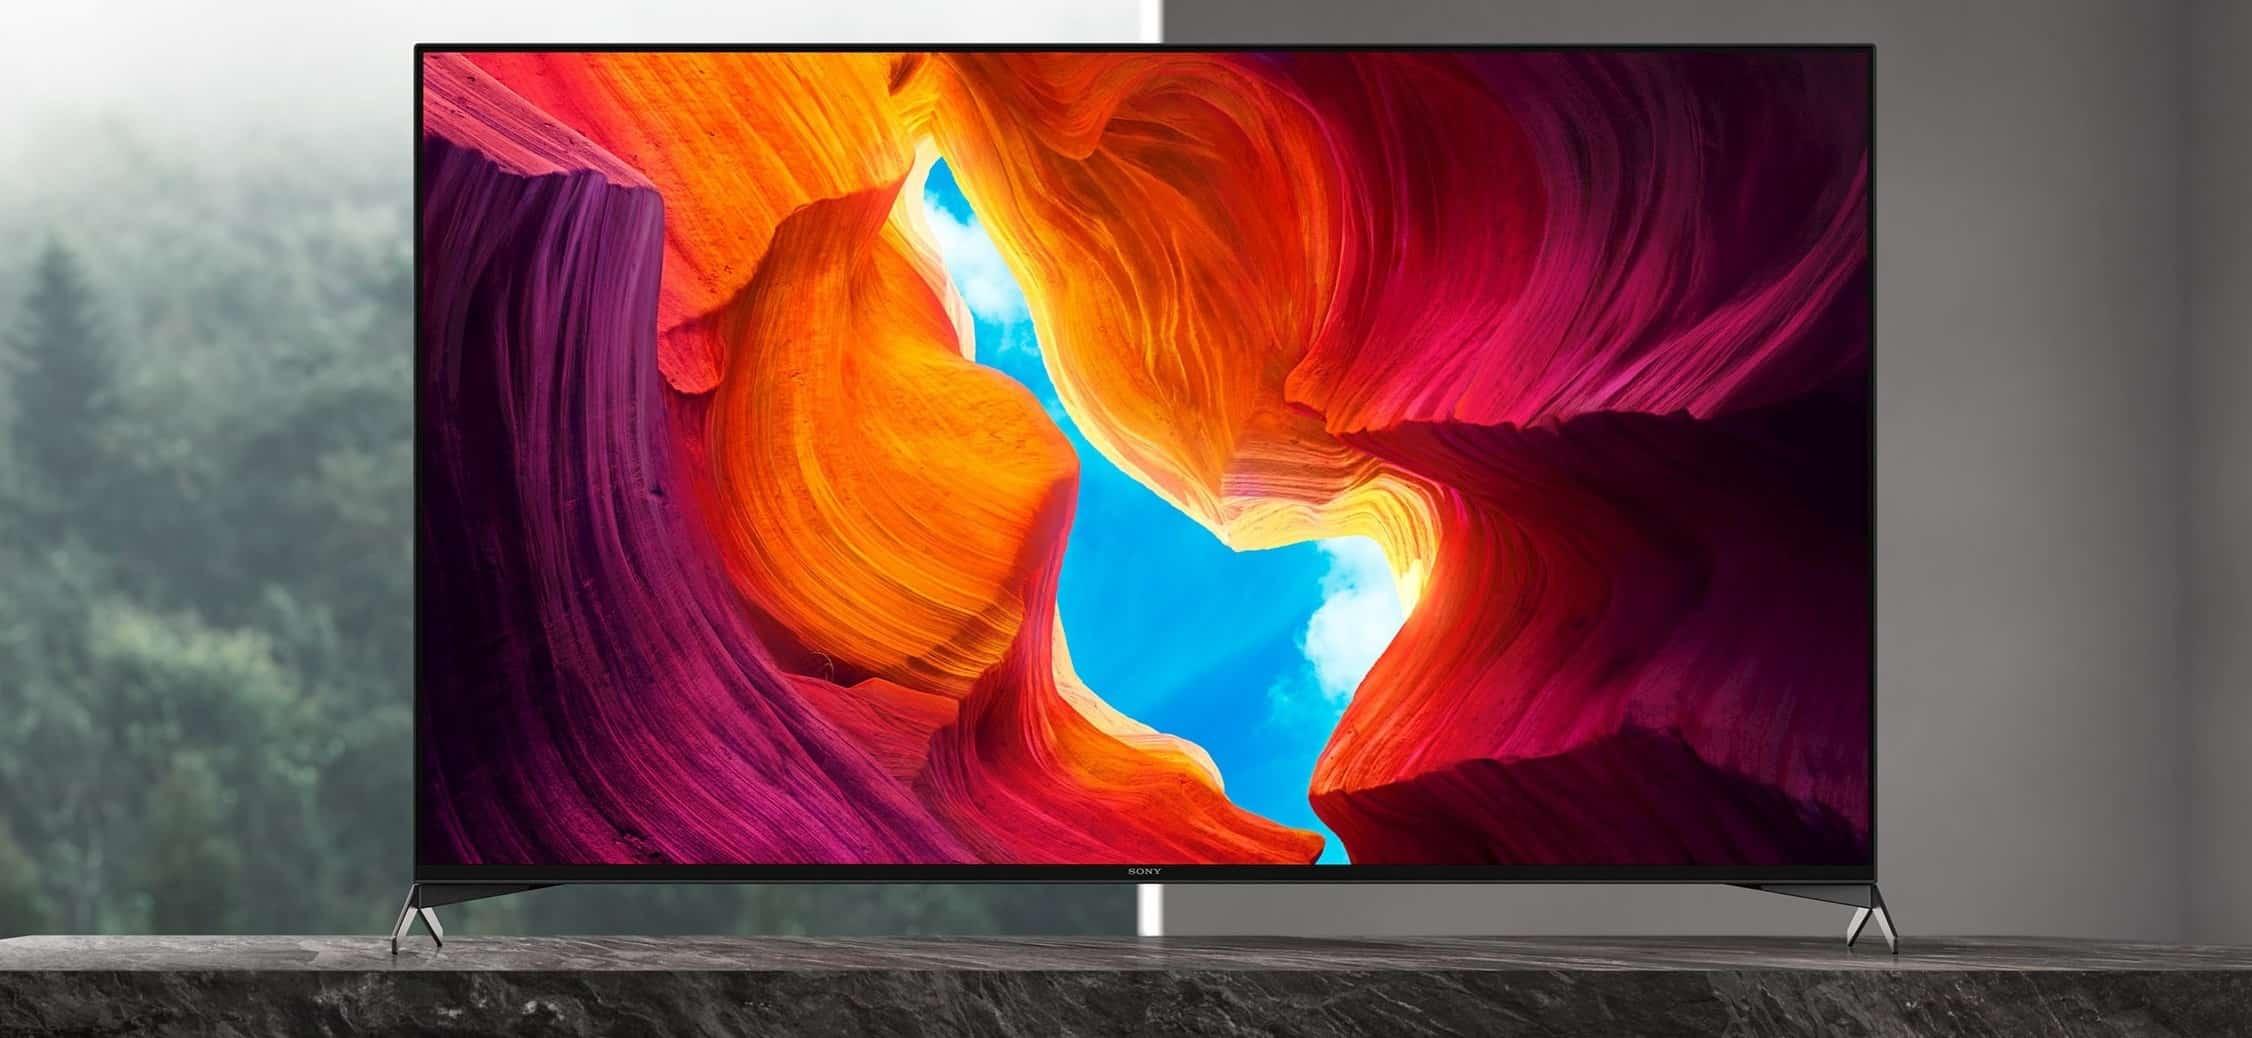 قیمت تلویزیون 65 اینچی سونی